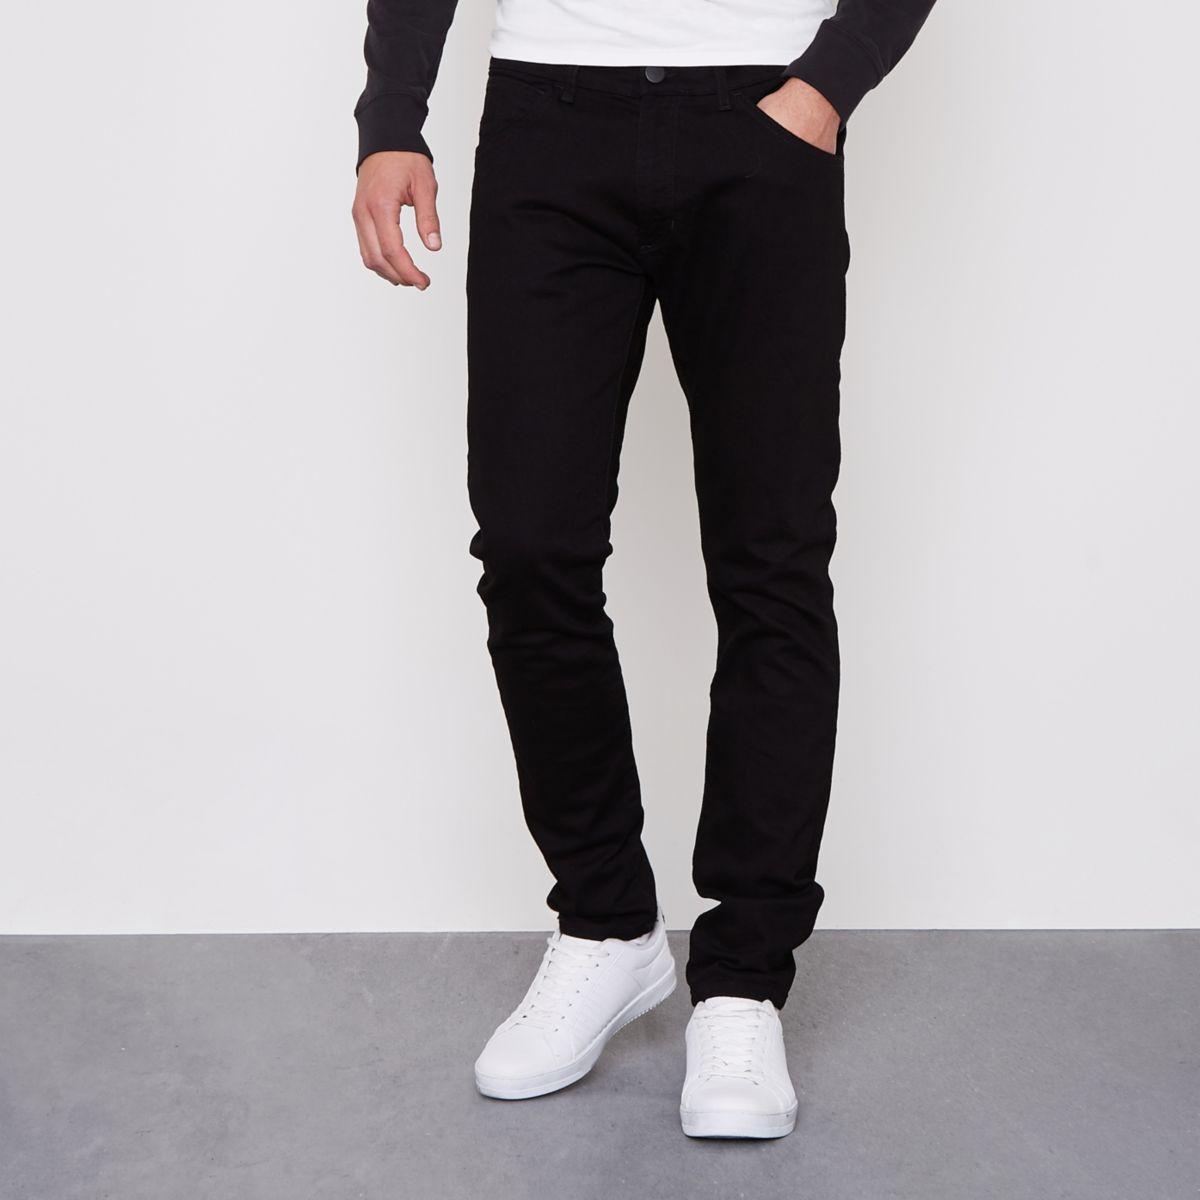 Black Wrangler Bryson skinny fit jeans